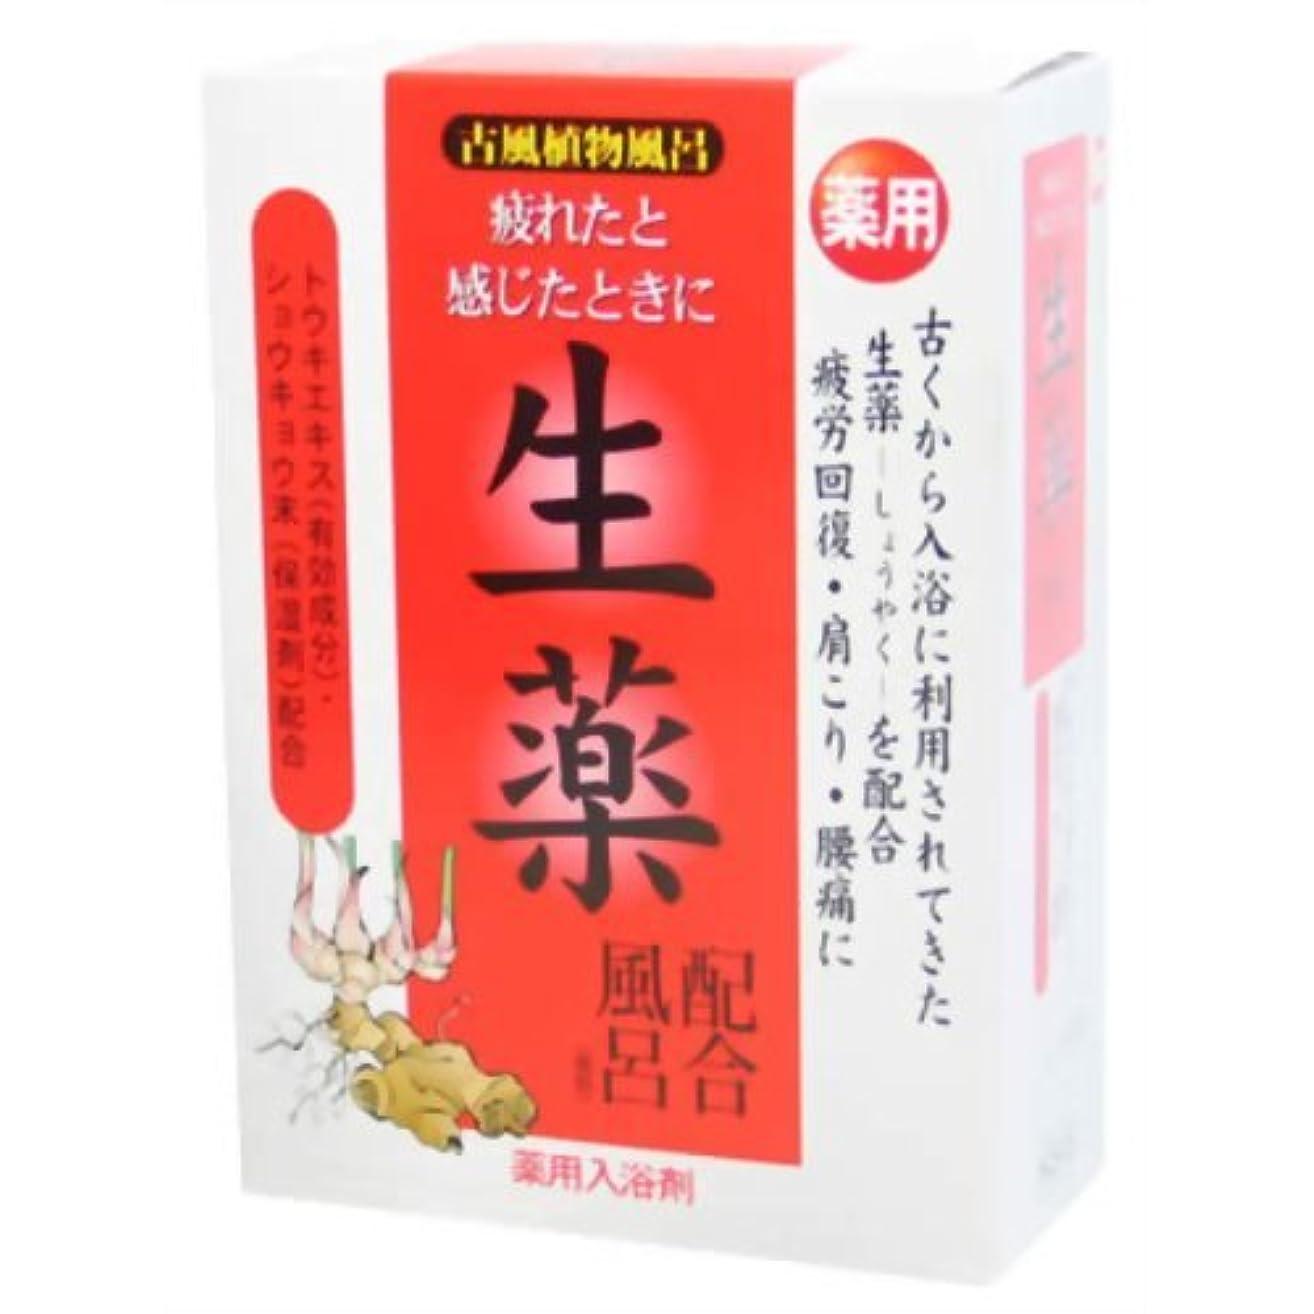 さようならスリッパ導出古風植物風呂 生薬配合風呂 25g*5包(入浴剤)